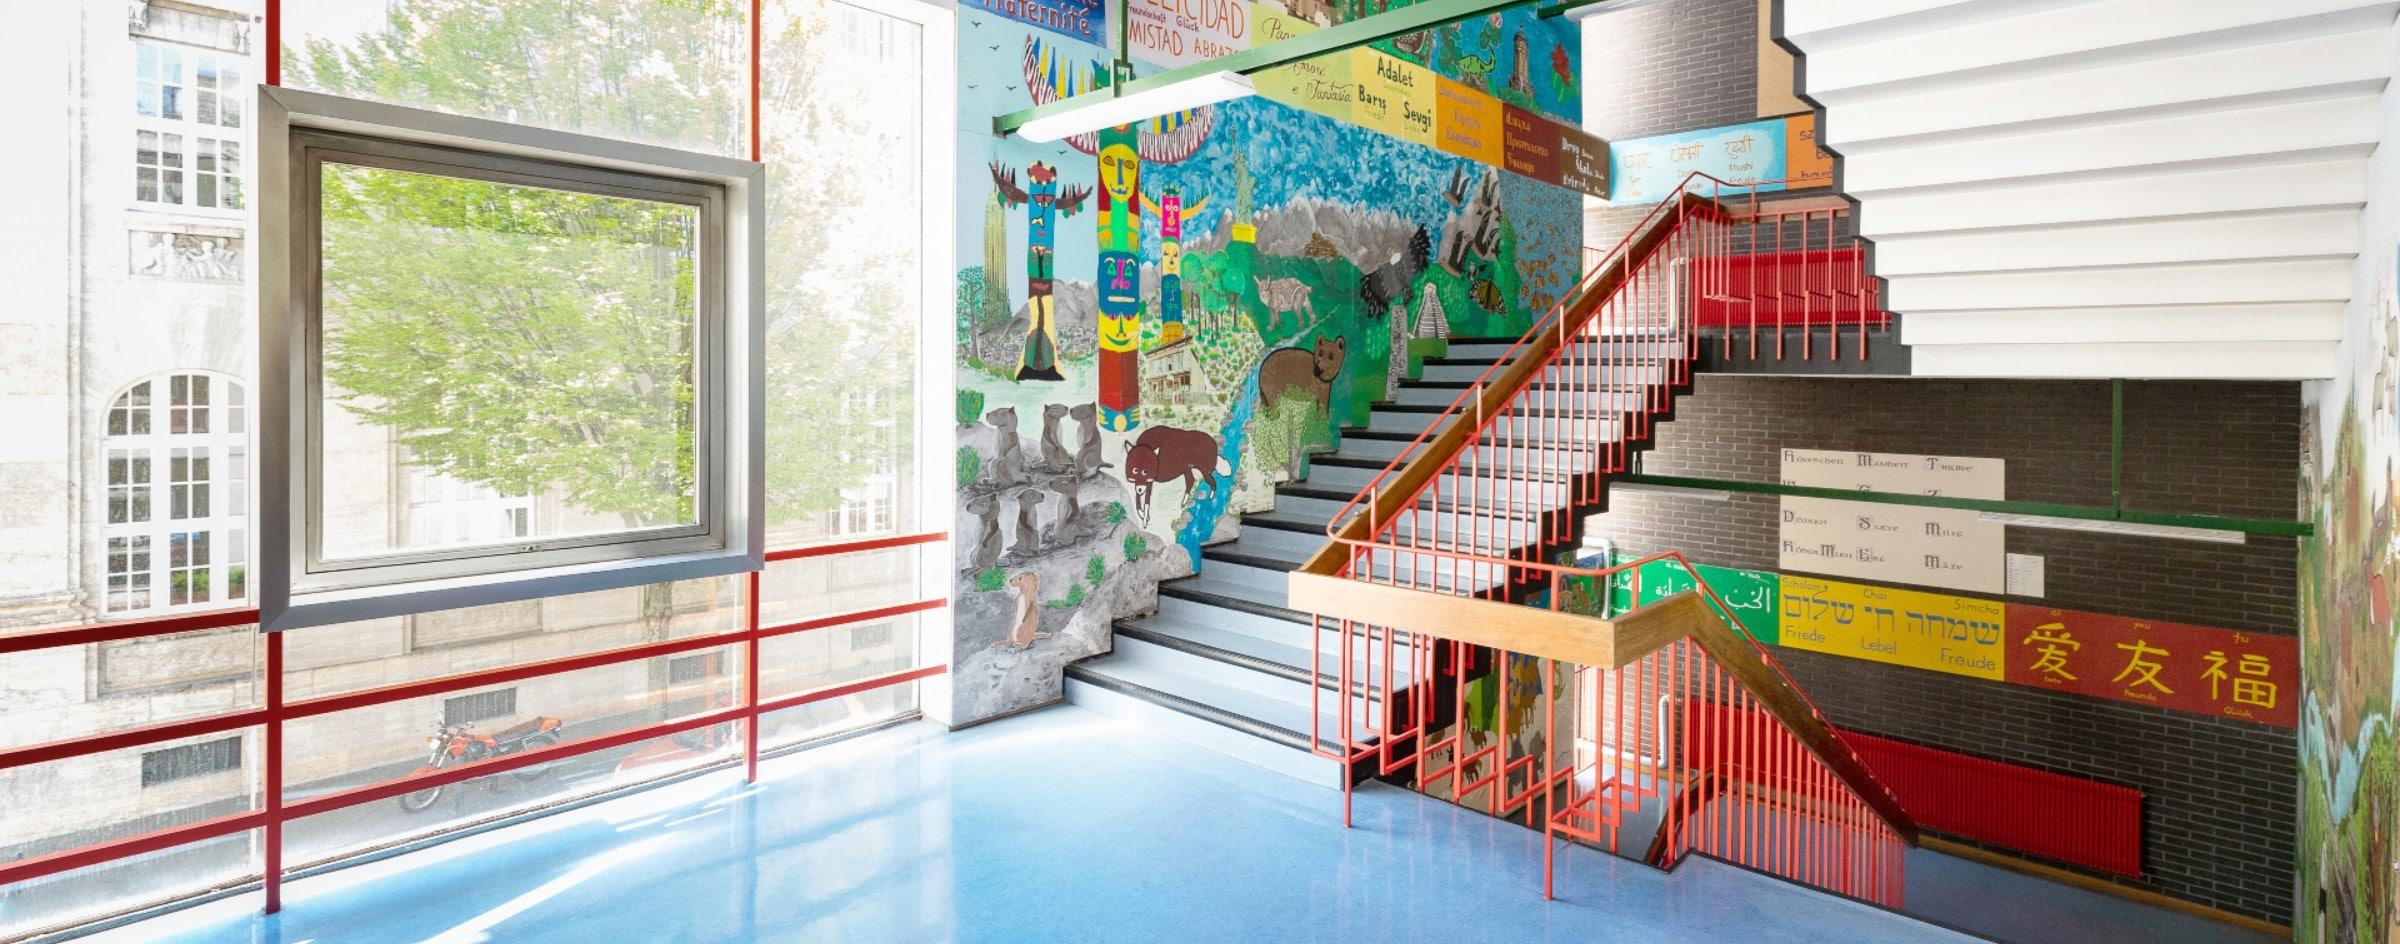 Mozartschule Treppenhaus